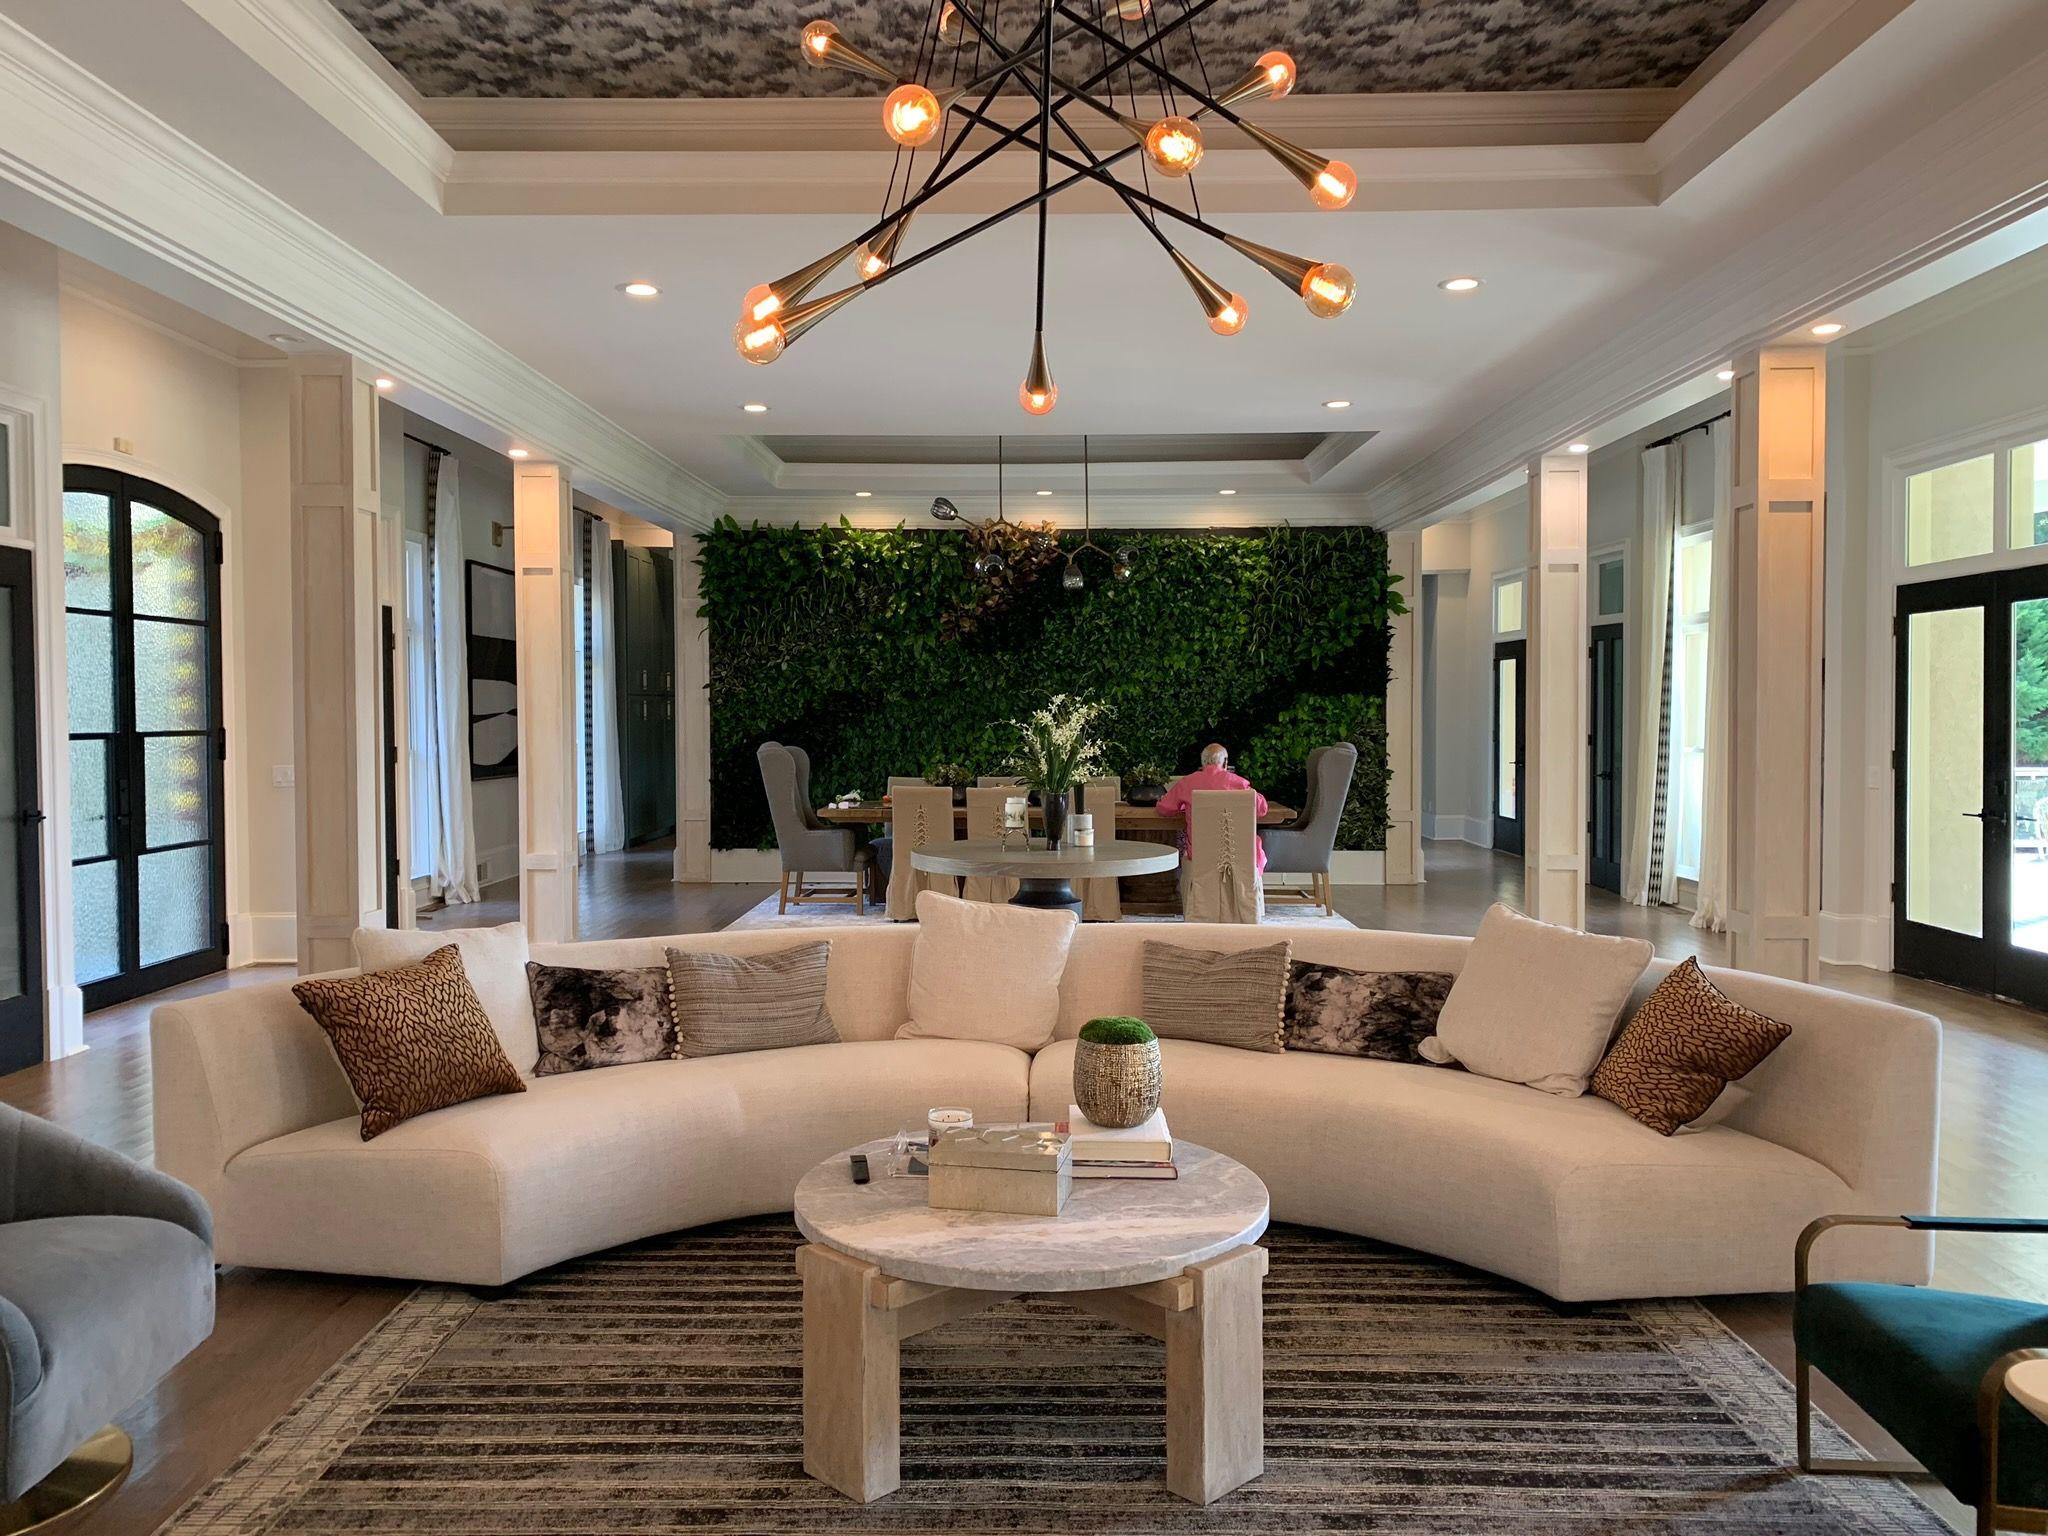 Atlanta Interior Designer Interior Design Ideas Interior Decor